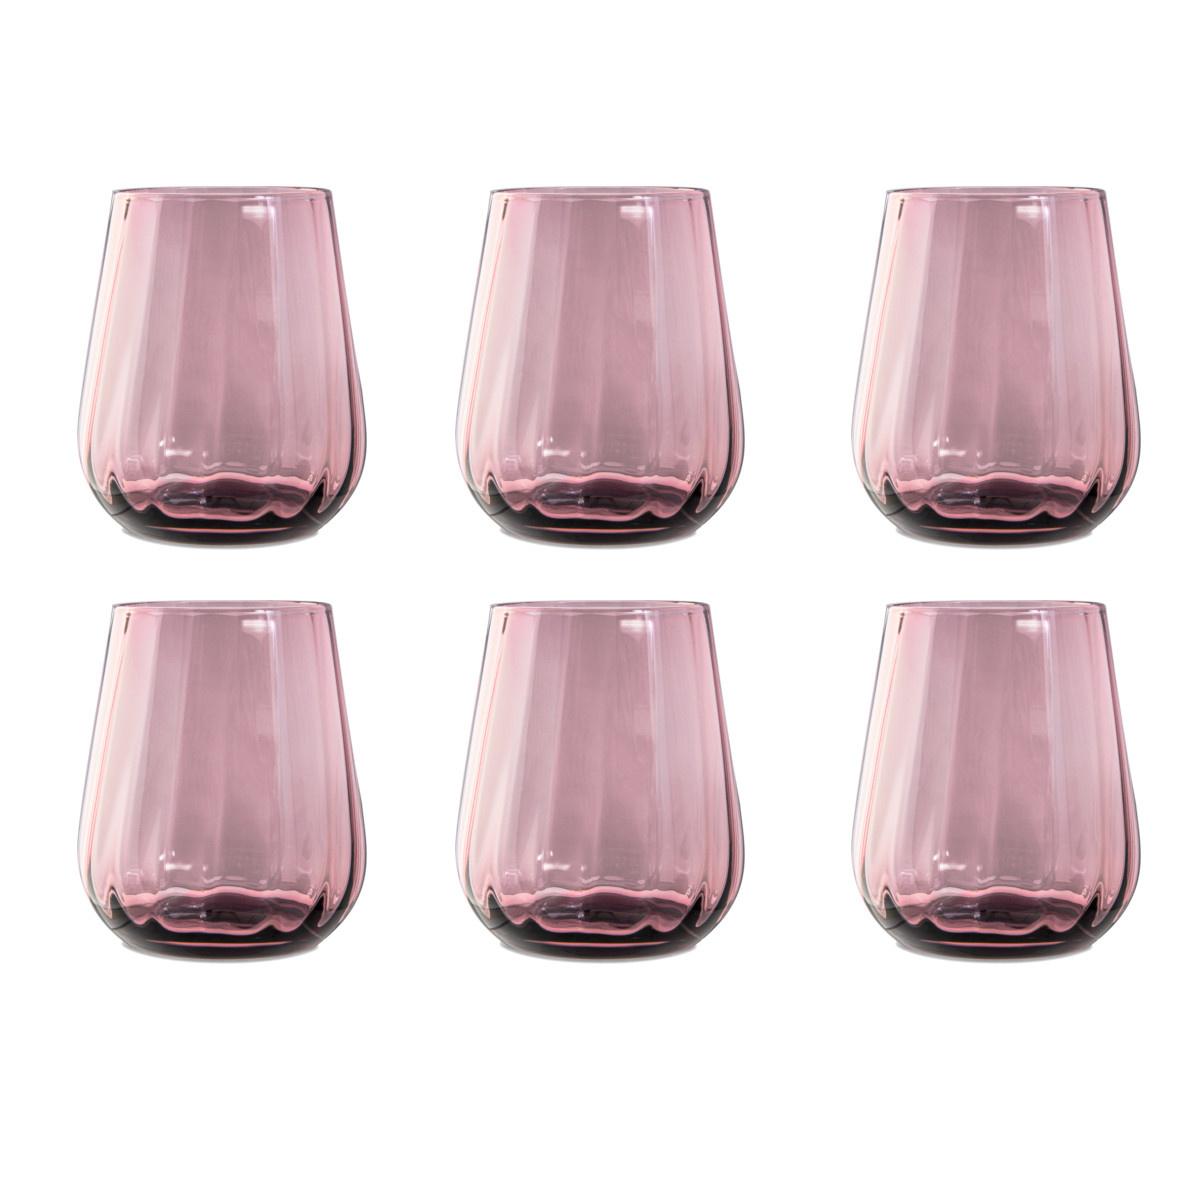 Livellara Livellara RINASCIMENTO  Glas 400 ml – 6-er Set – Violett